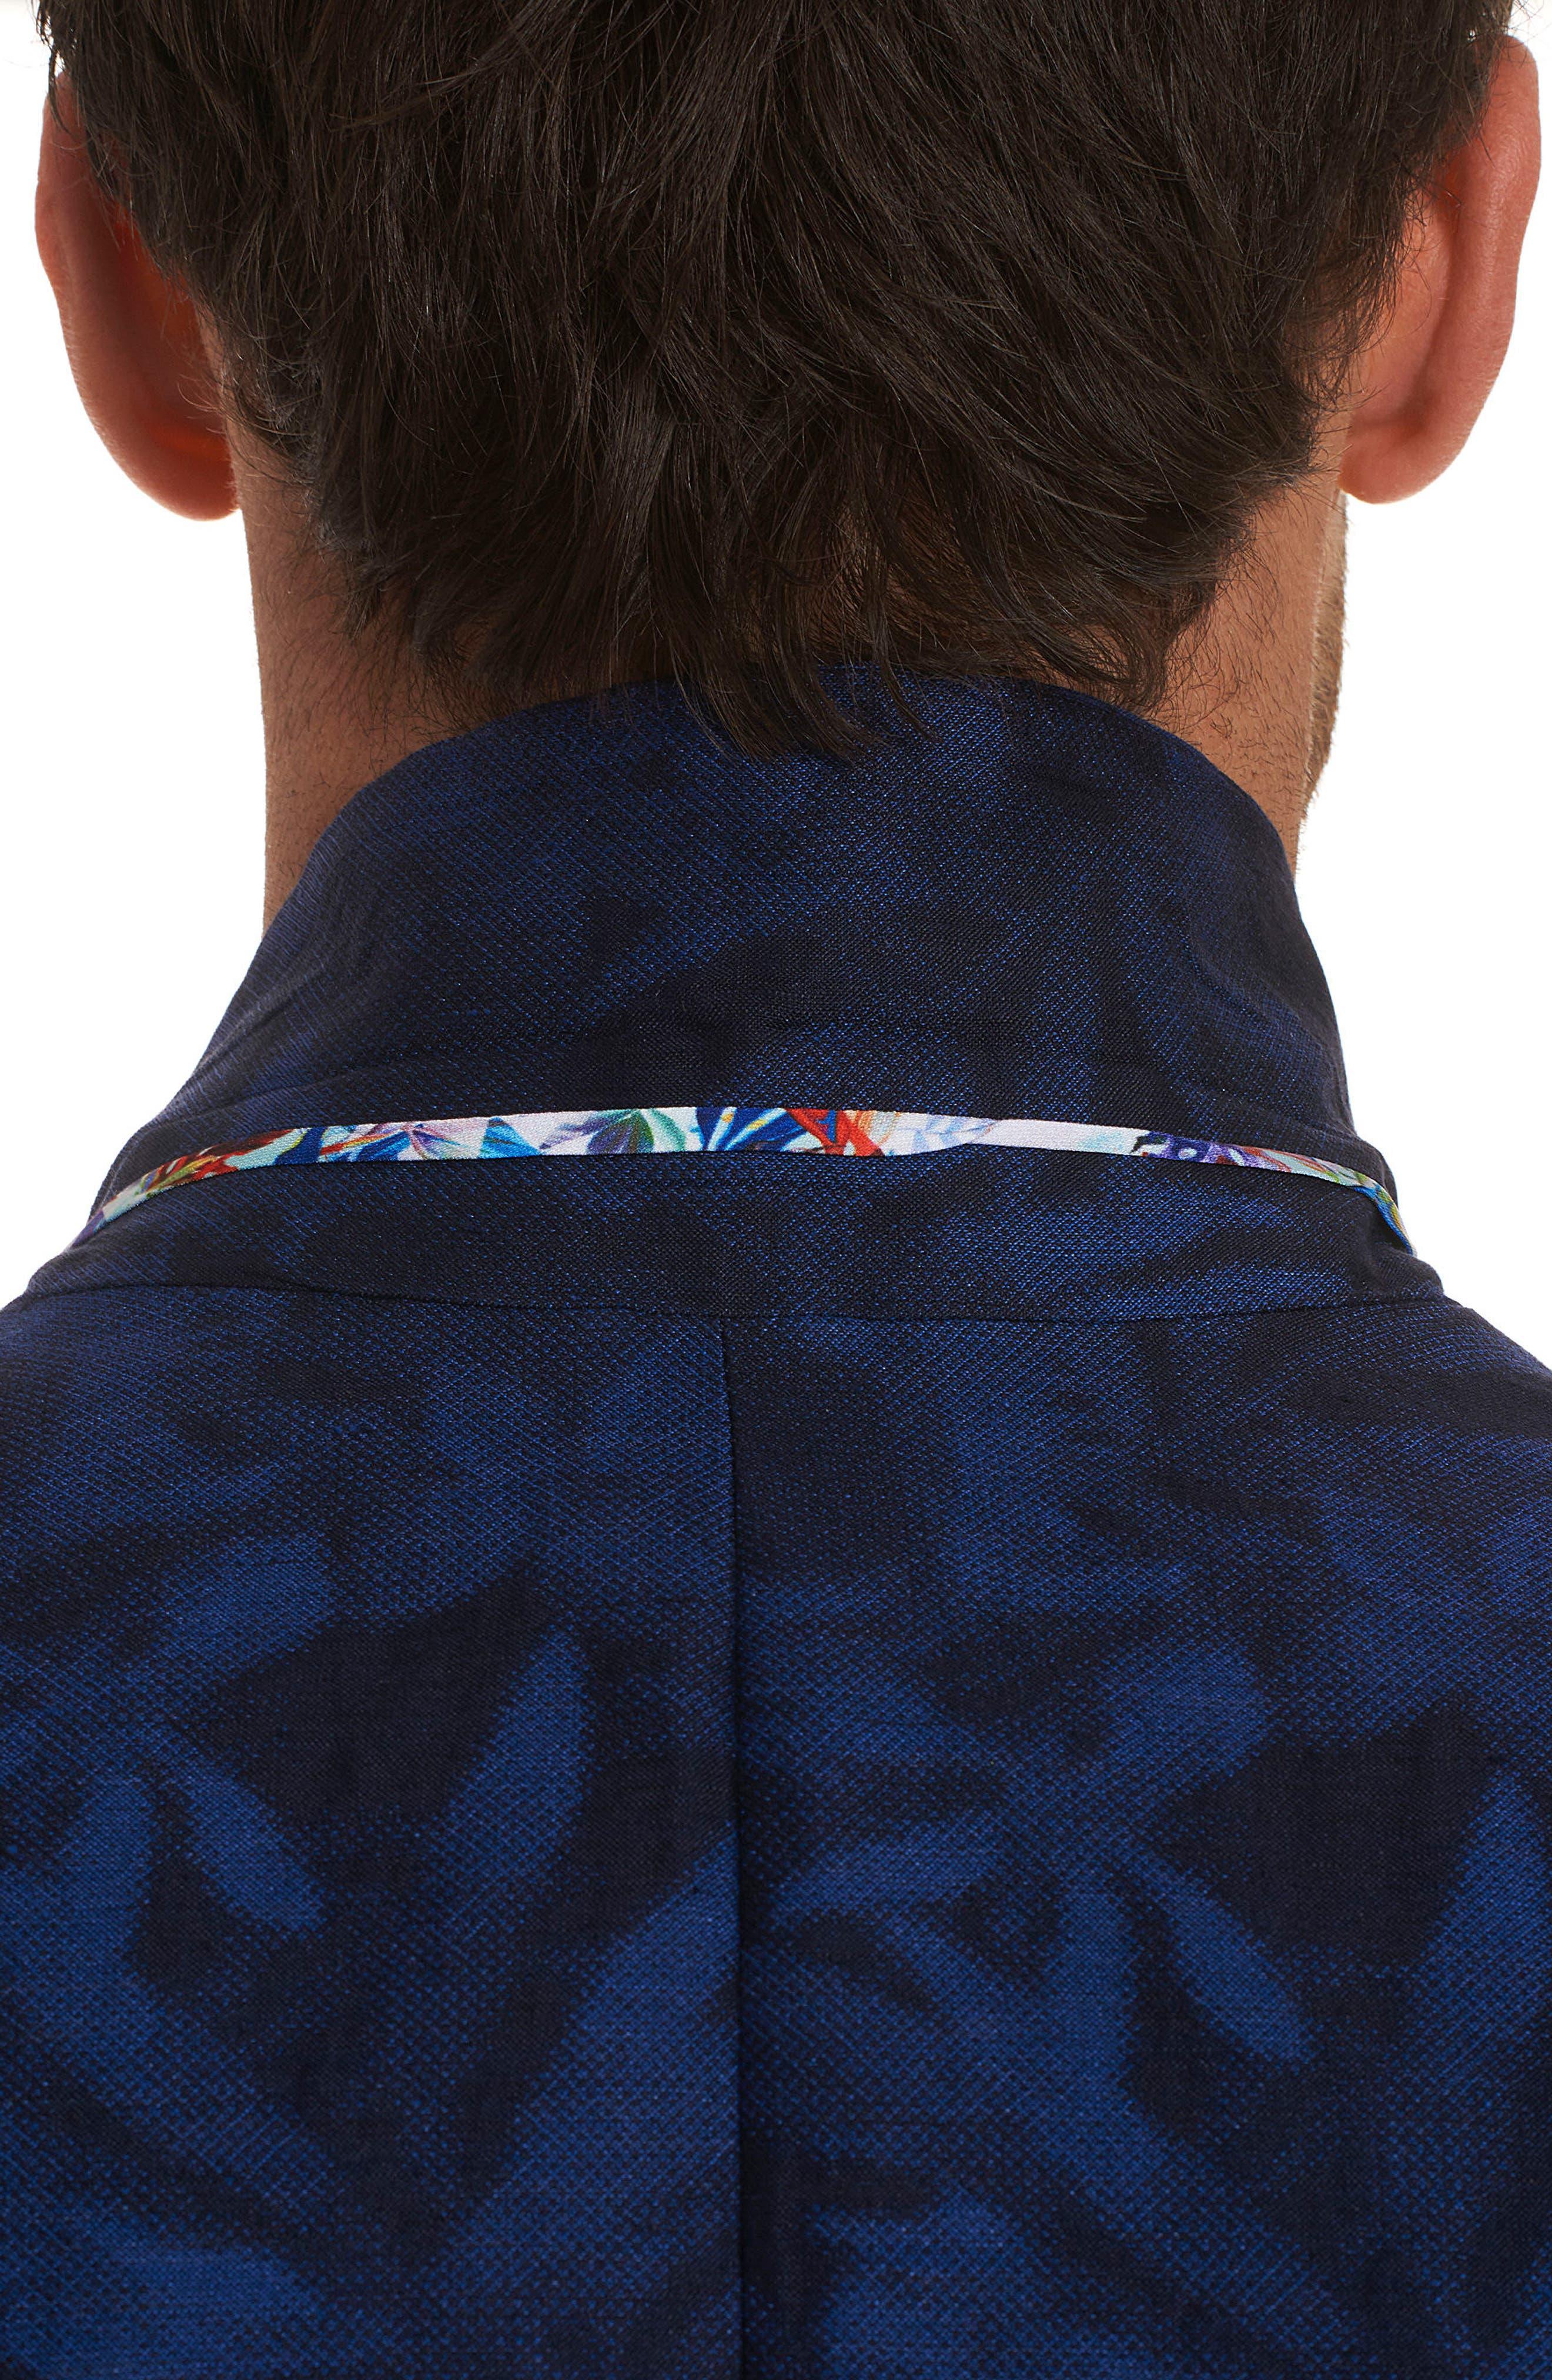 Buxons Linen & Cotton Sport Coat,                             Alternate thumbnail 3, color,                             Blue